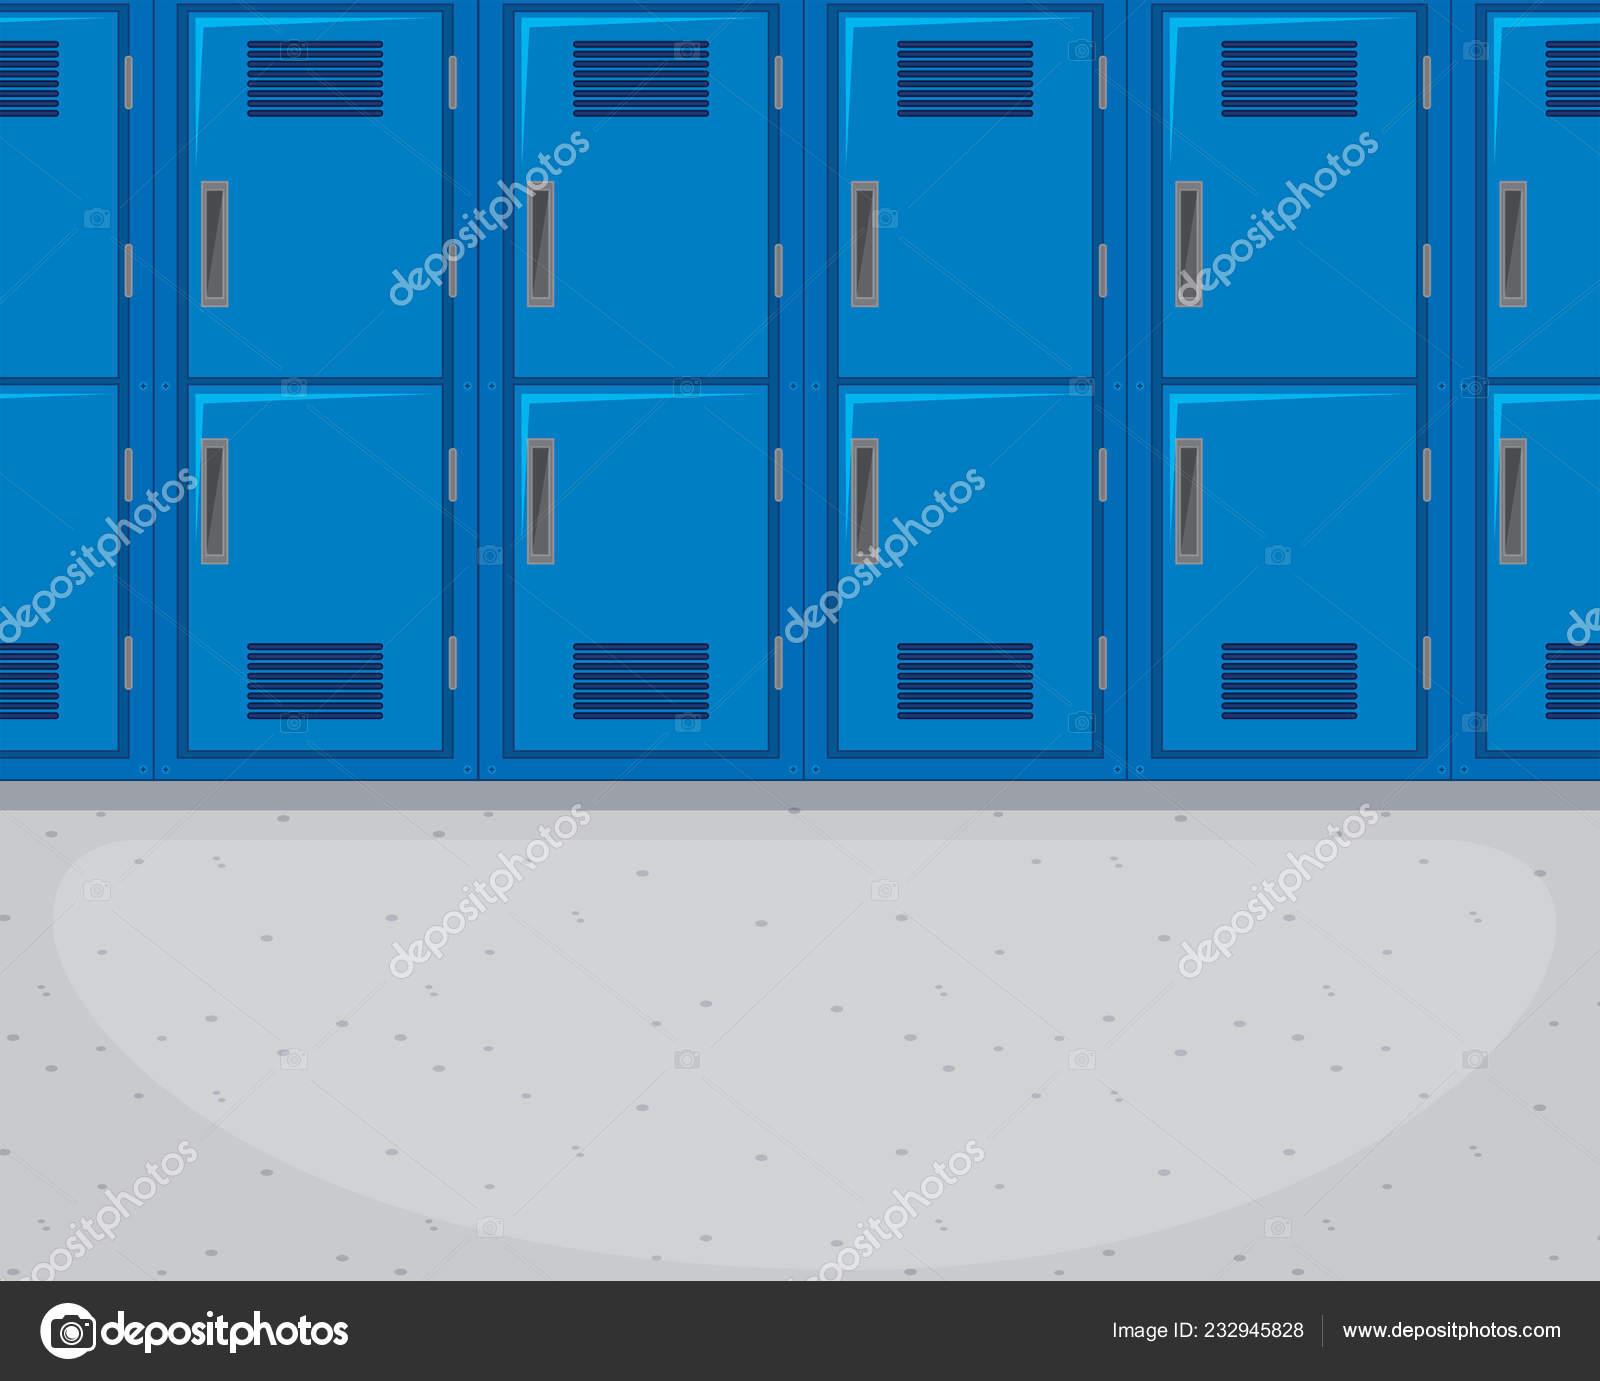 die leeren flur hintergrund illustration stockvektor